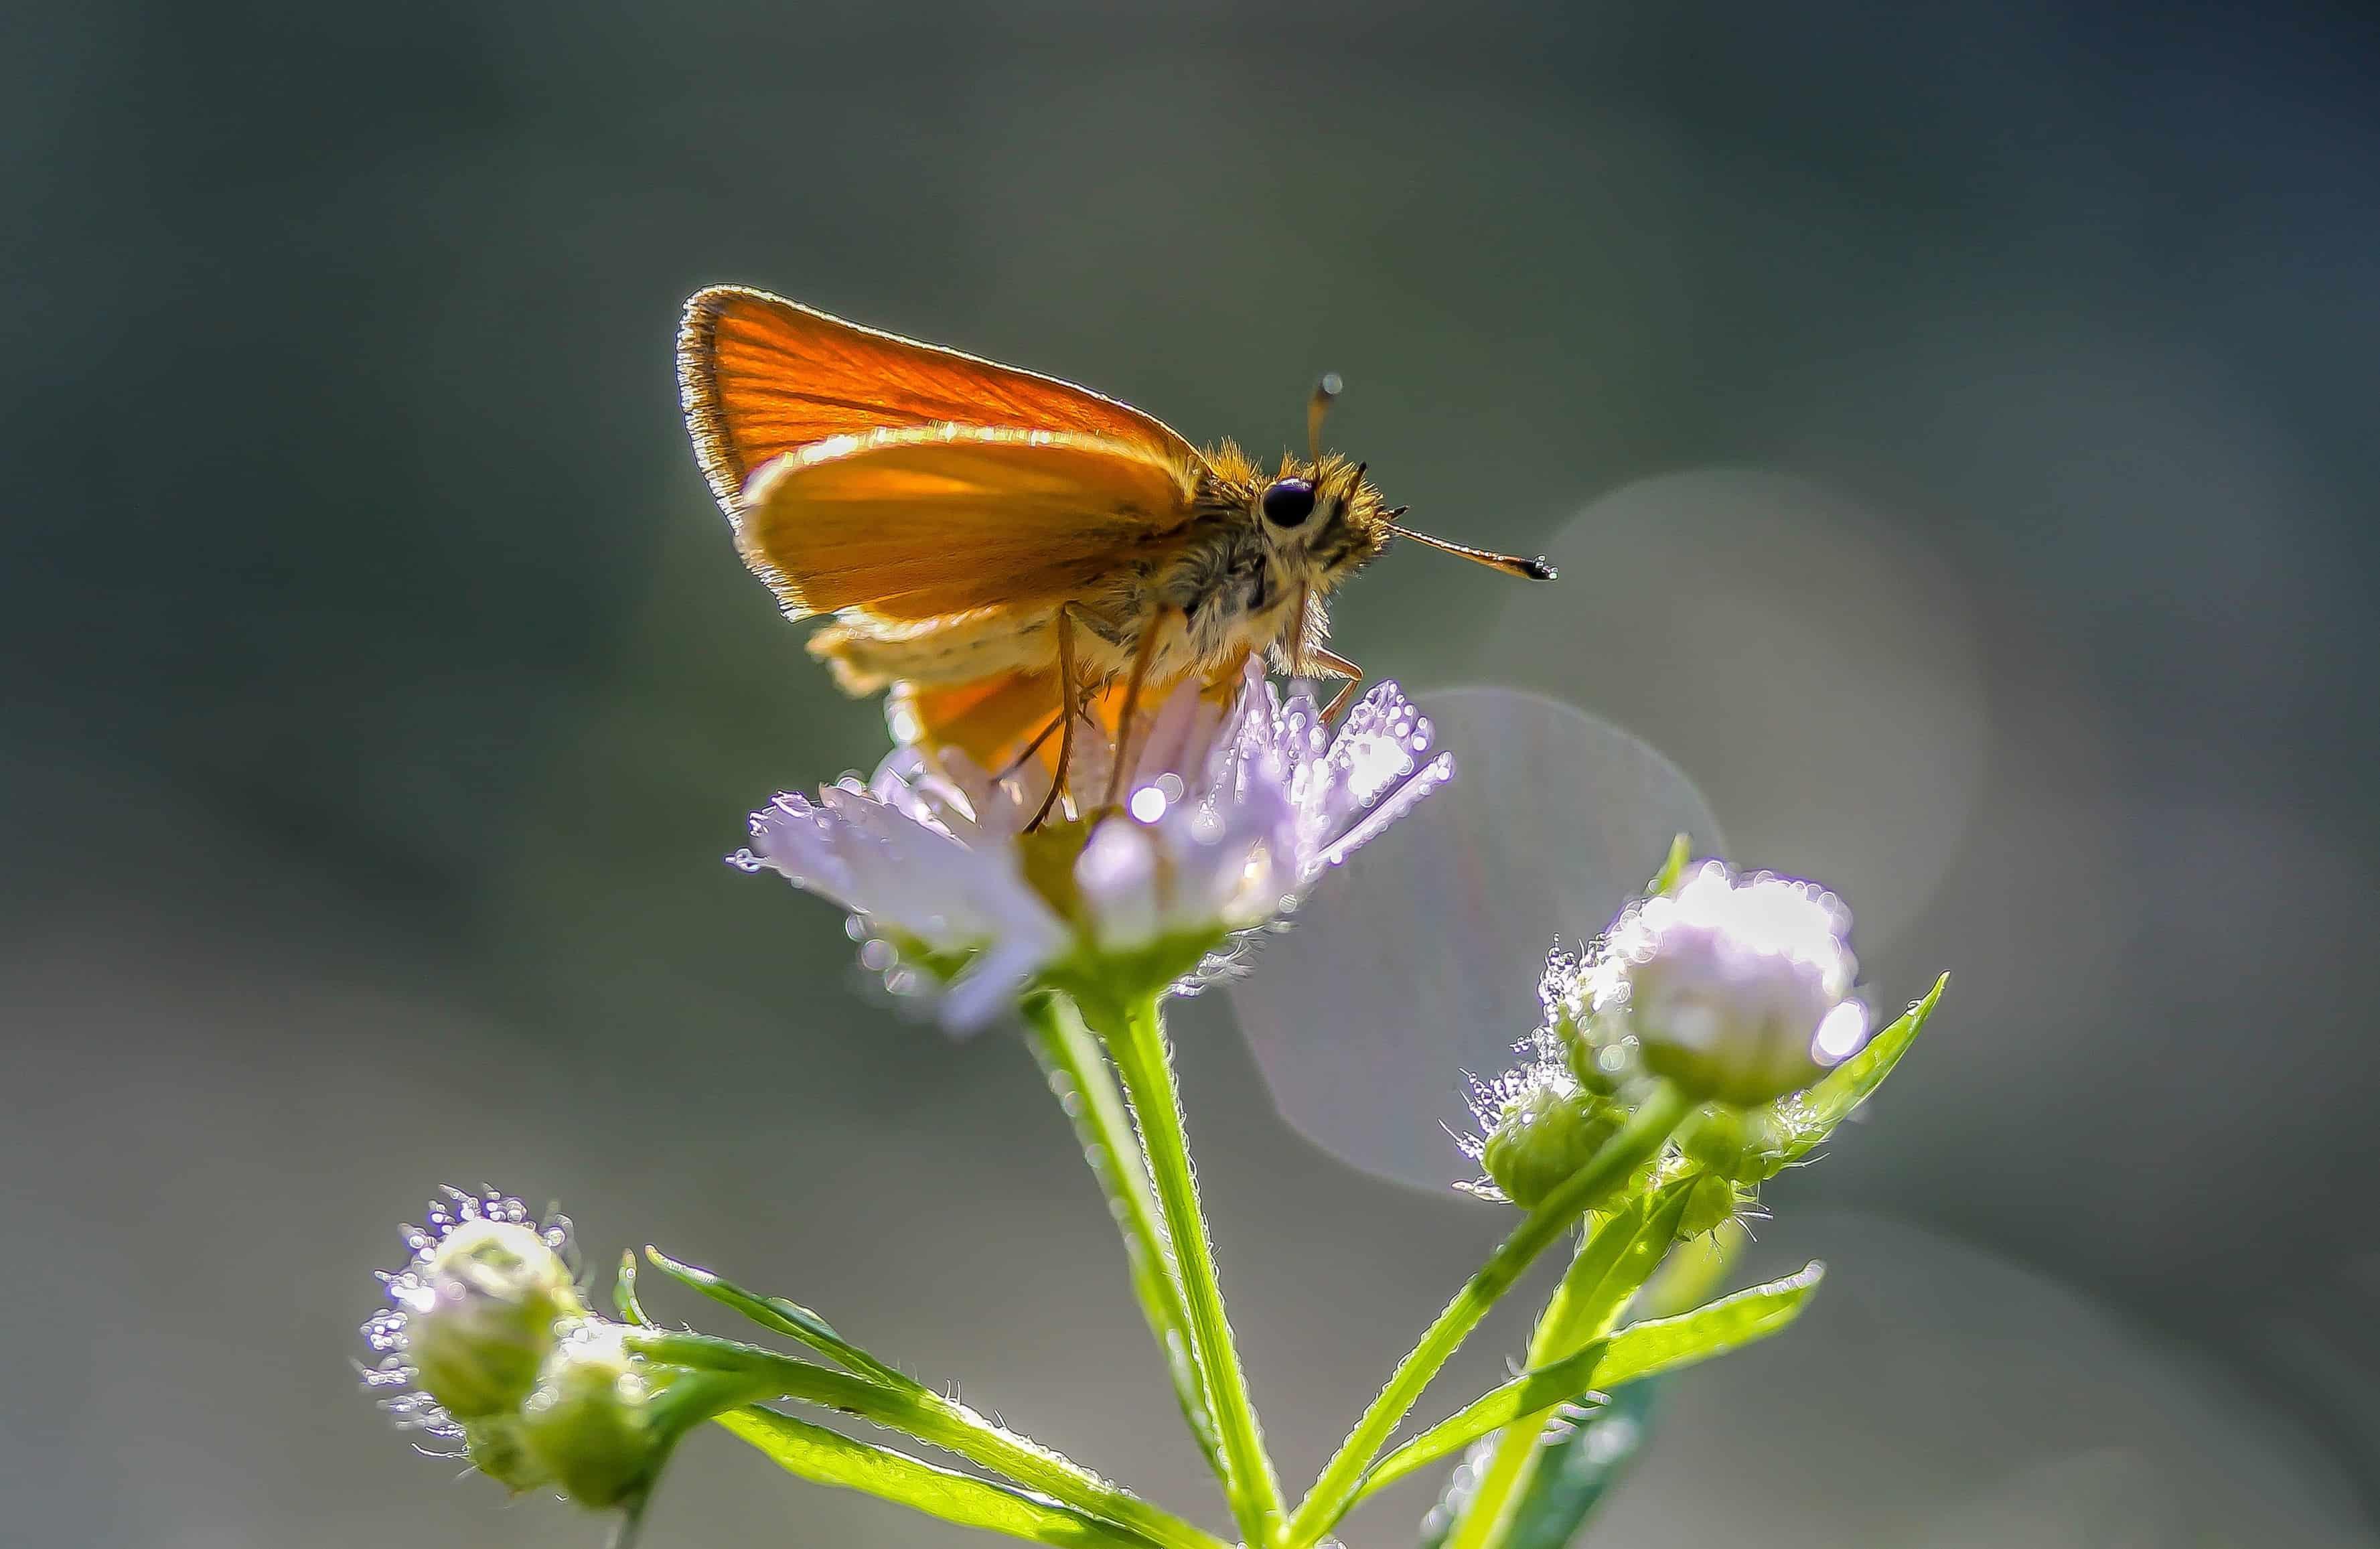 Imagen gratis: insecto, naturaleza, verano, mariposa, flor silvestre ...